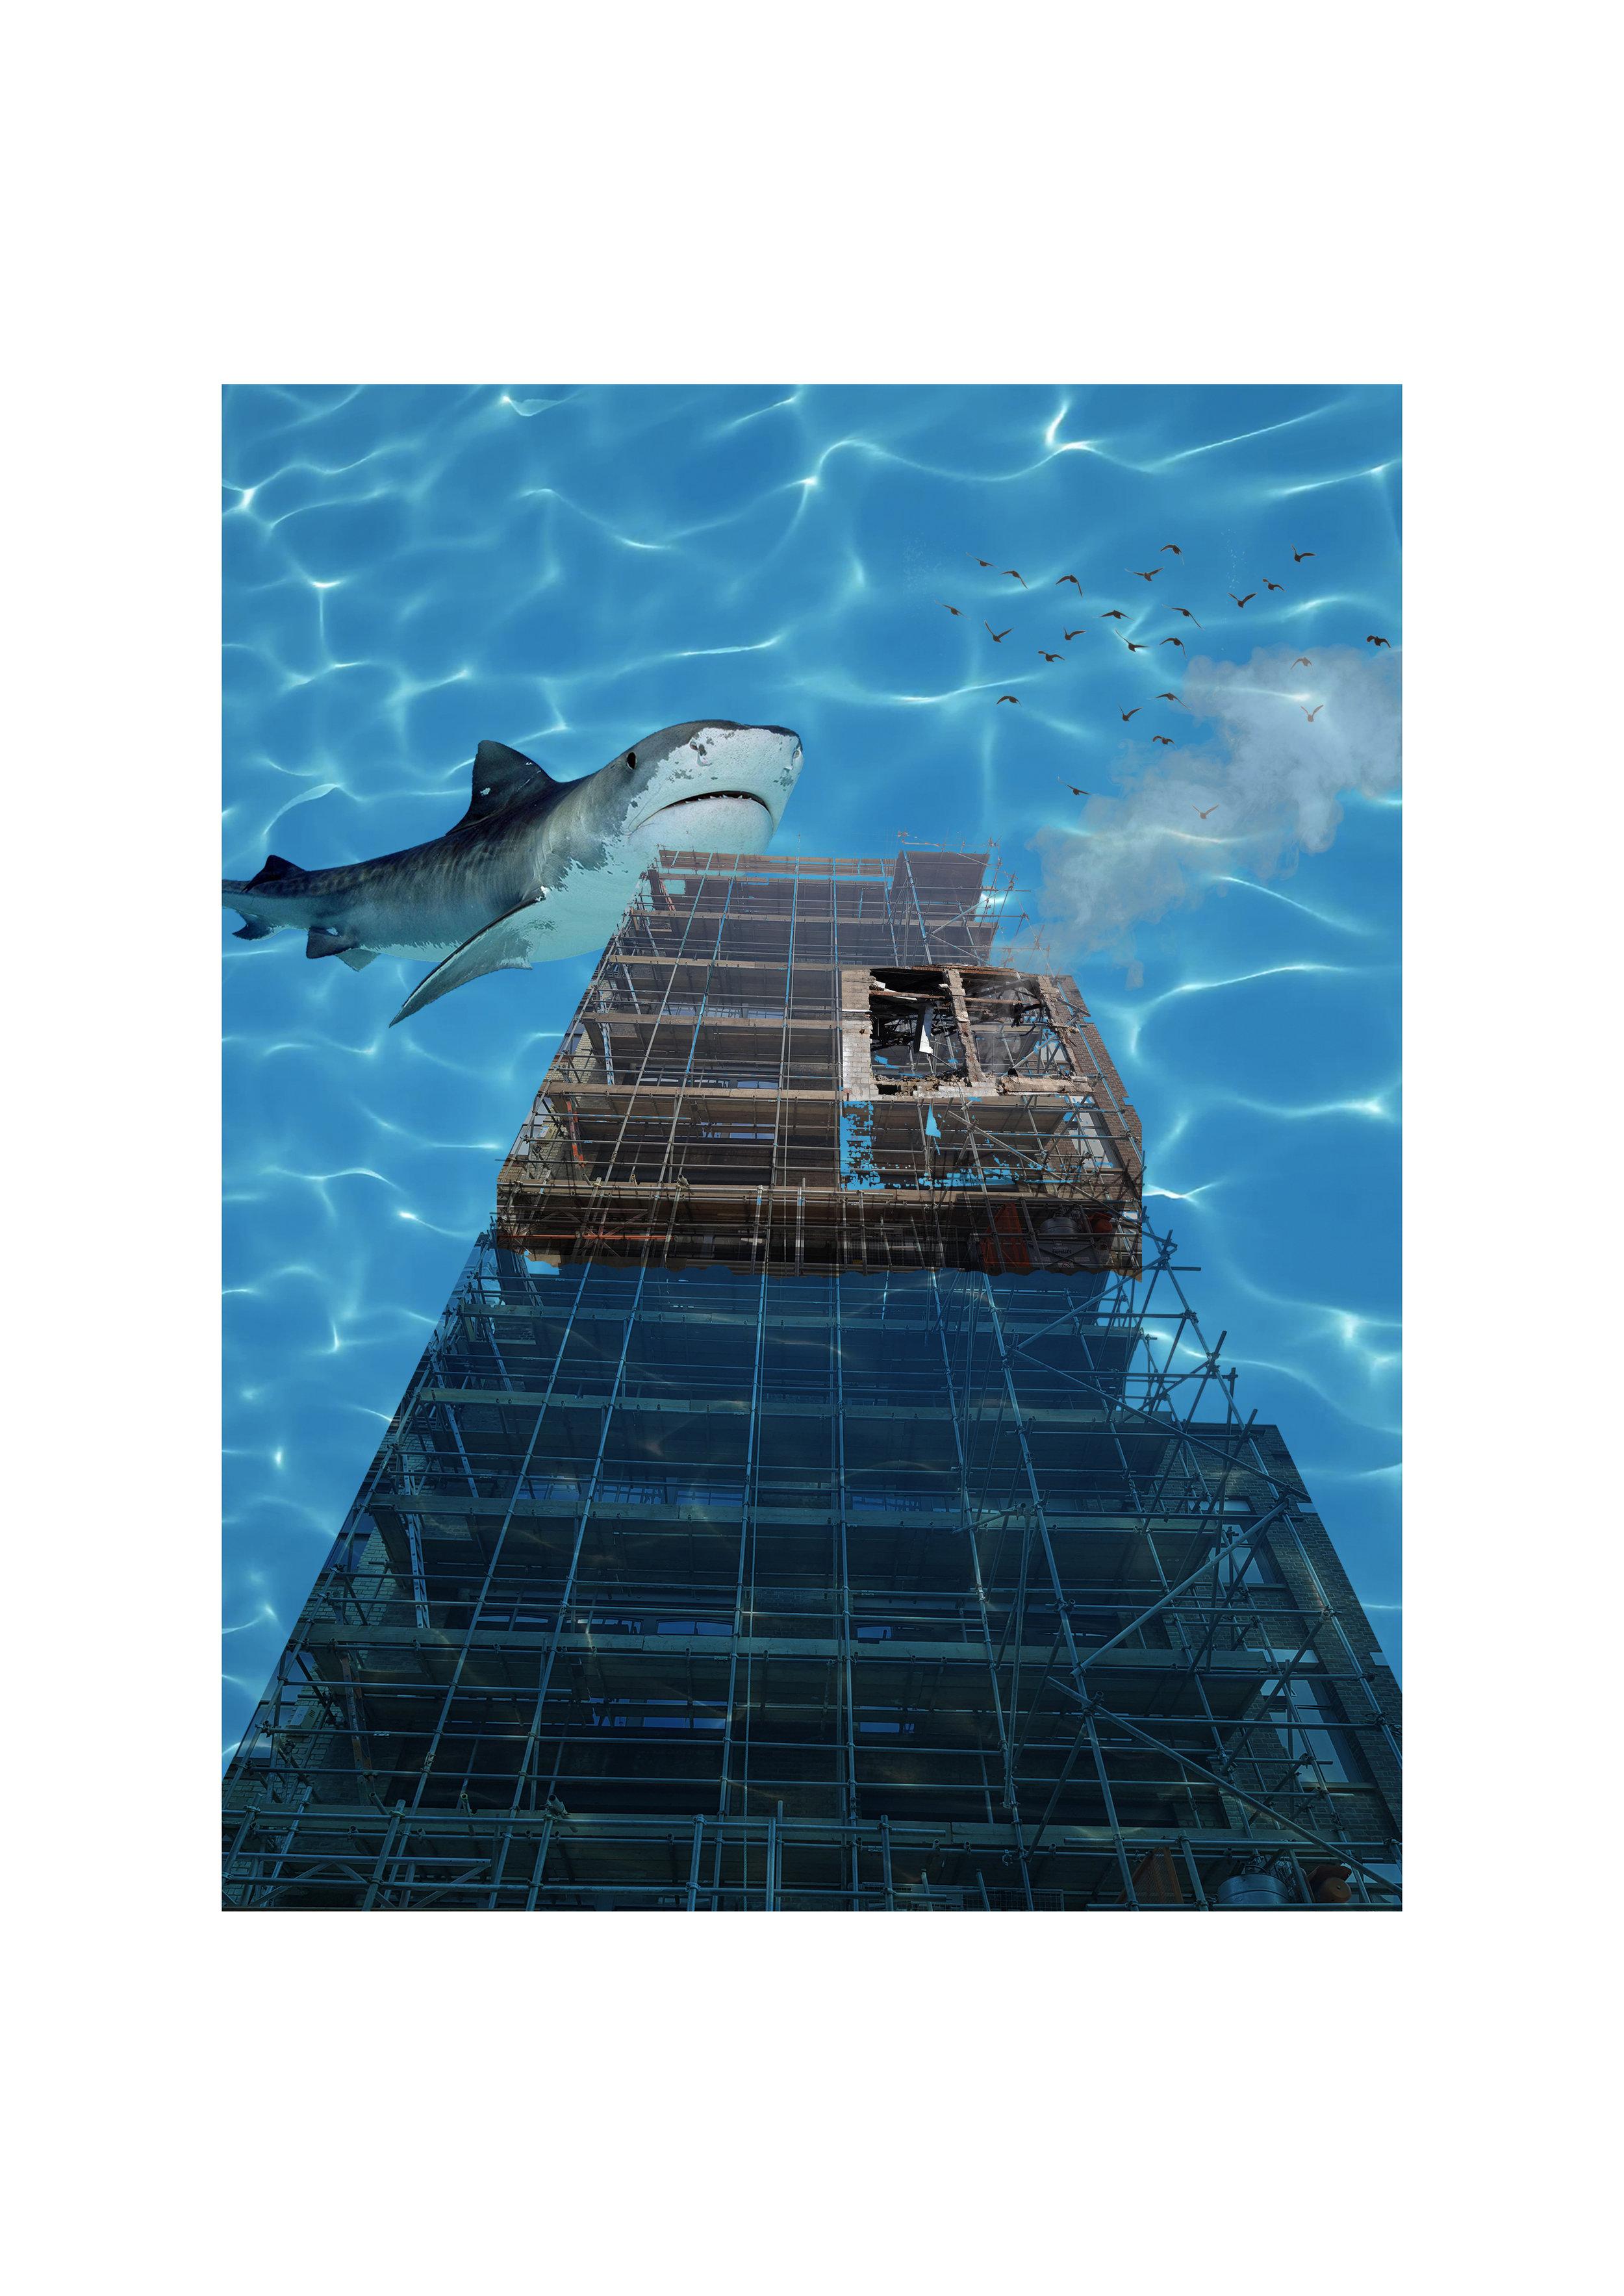 Underwater Tower